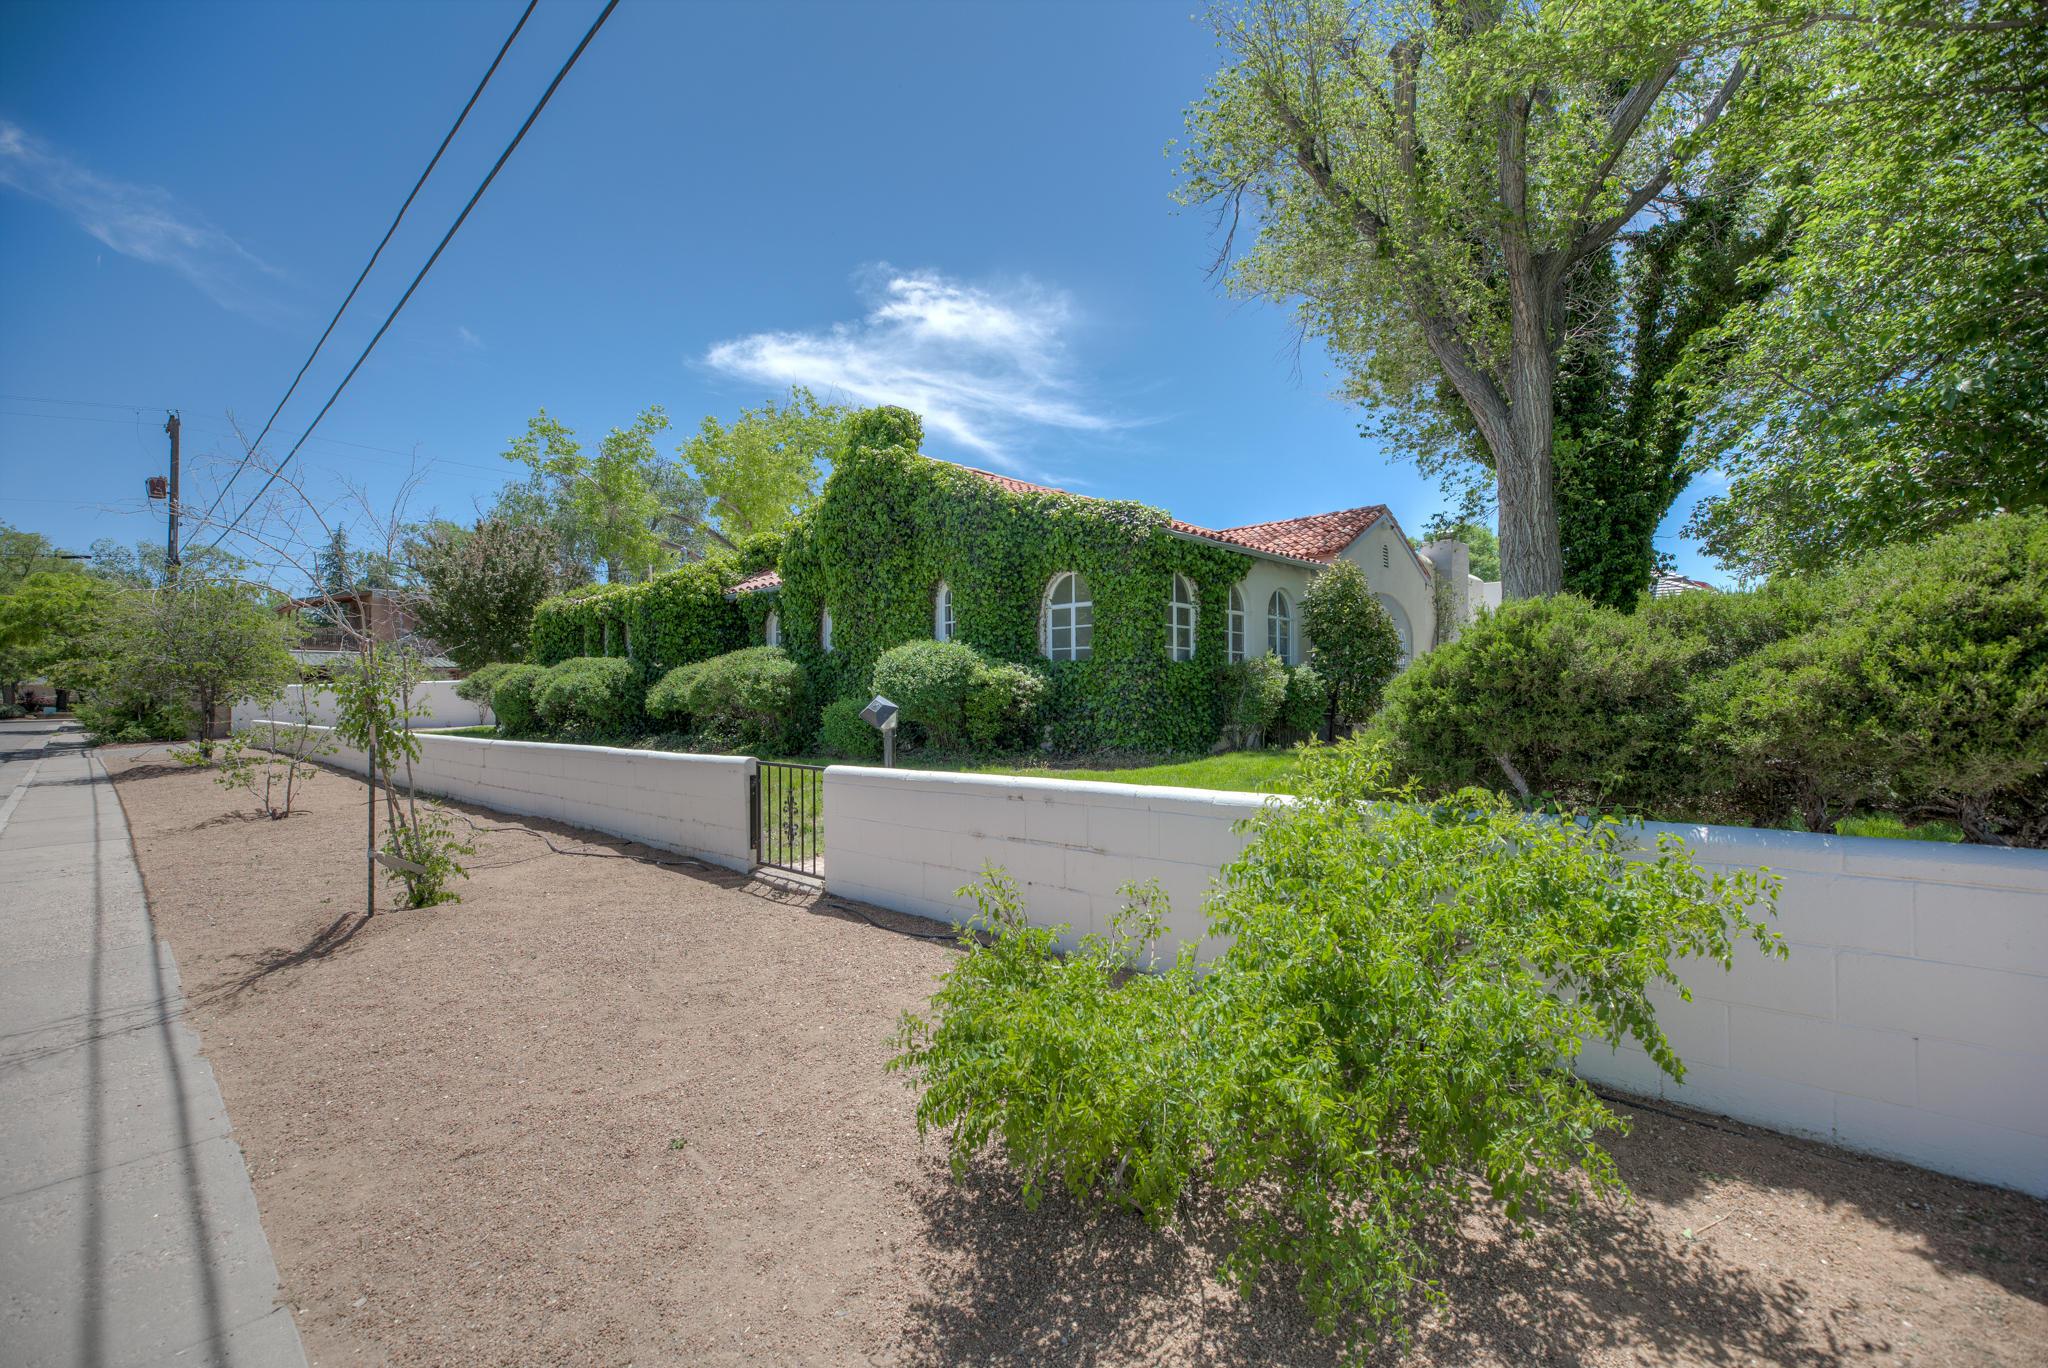 700 Carlisle Boulevard SE, Albuquerque, NM 87106 - Albuquerque, NM real estate listing